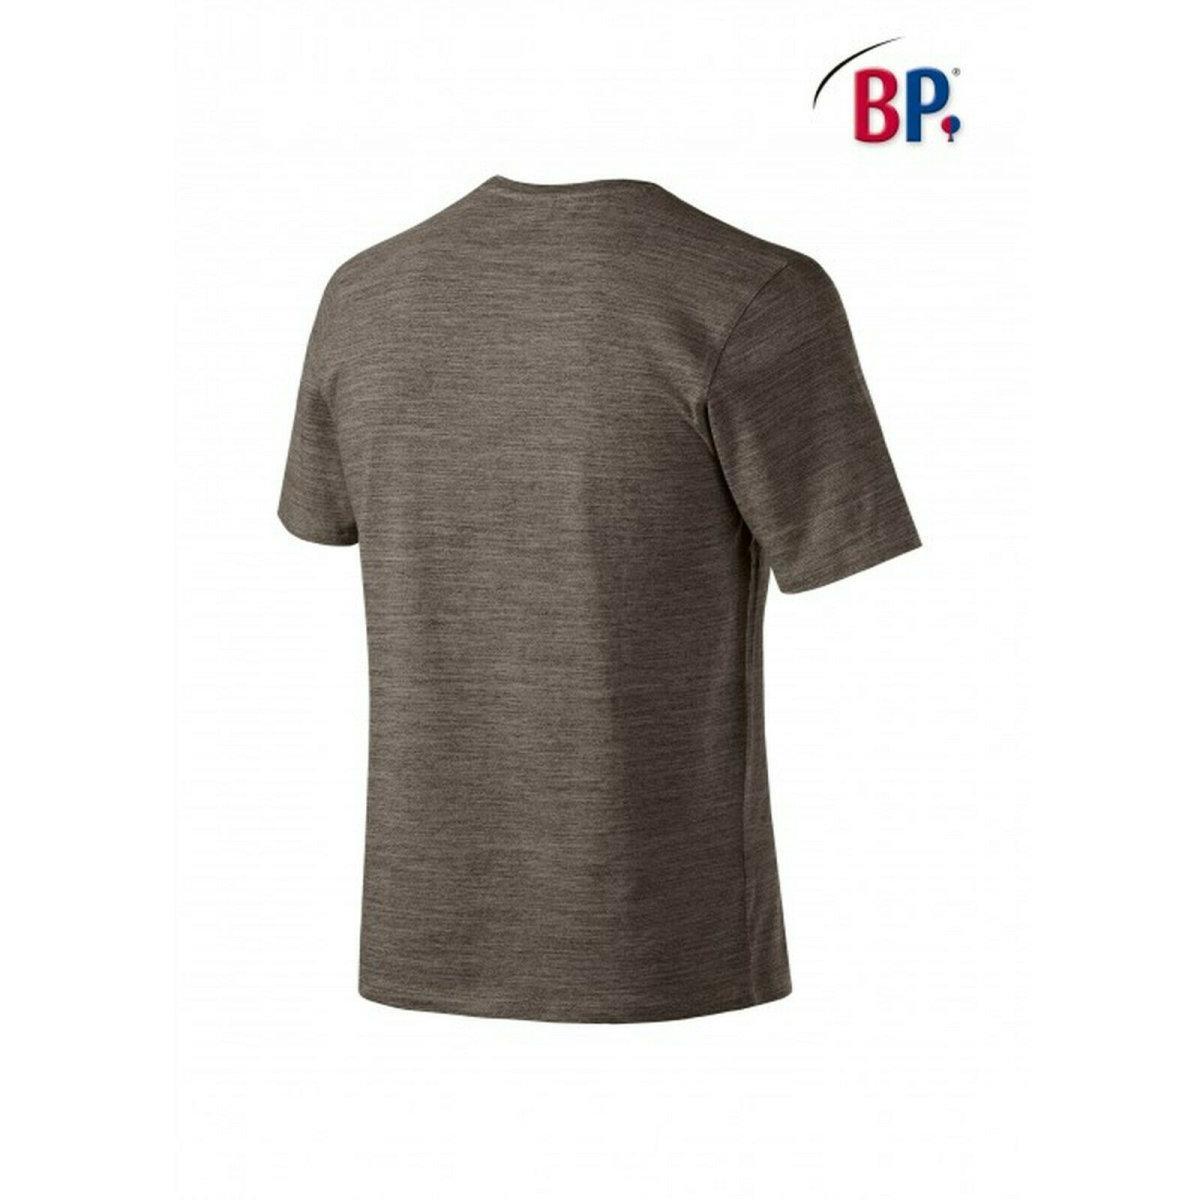 BP Workwear T-Shirt für Sie & Ihn 1714 space falke modern fit Shirt Stretch